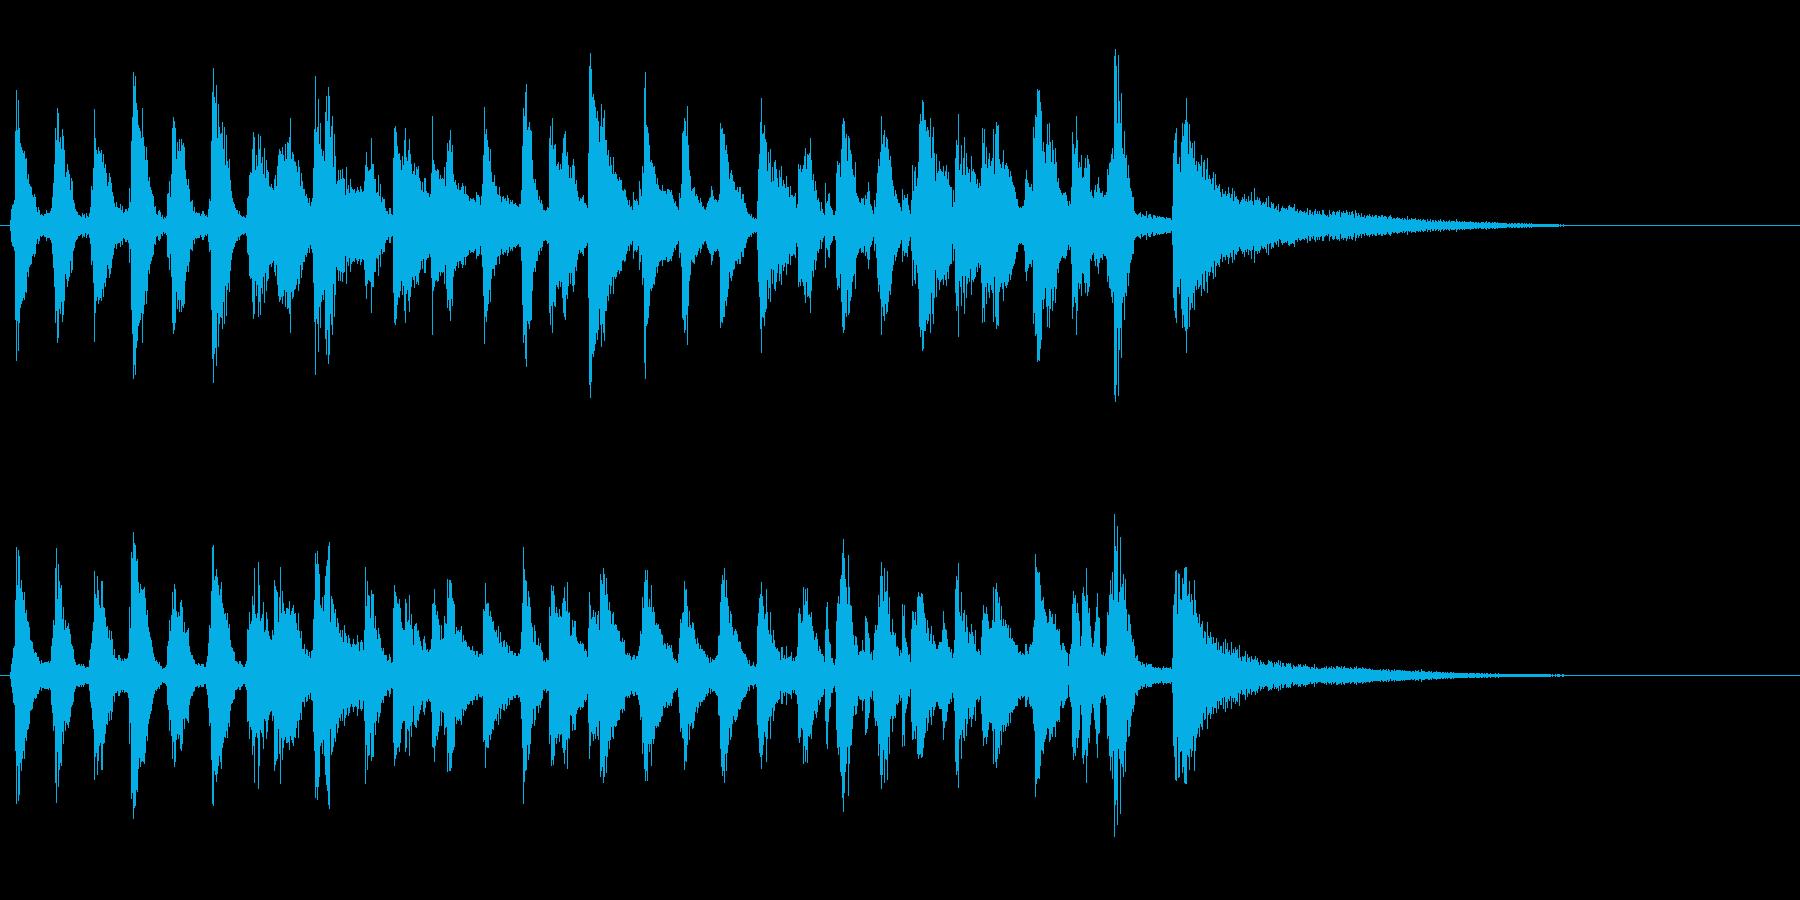 生演奏ジングルピアノ暗めラグタイムジャズの再生済みの波形